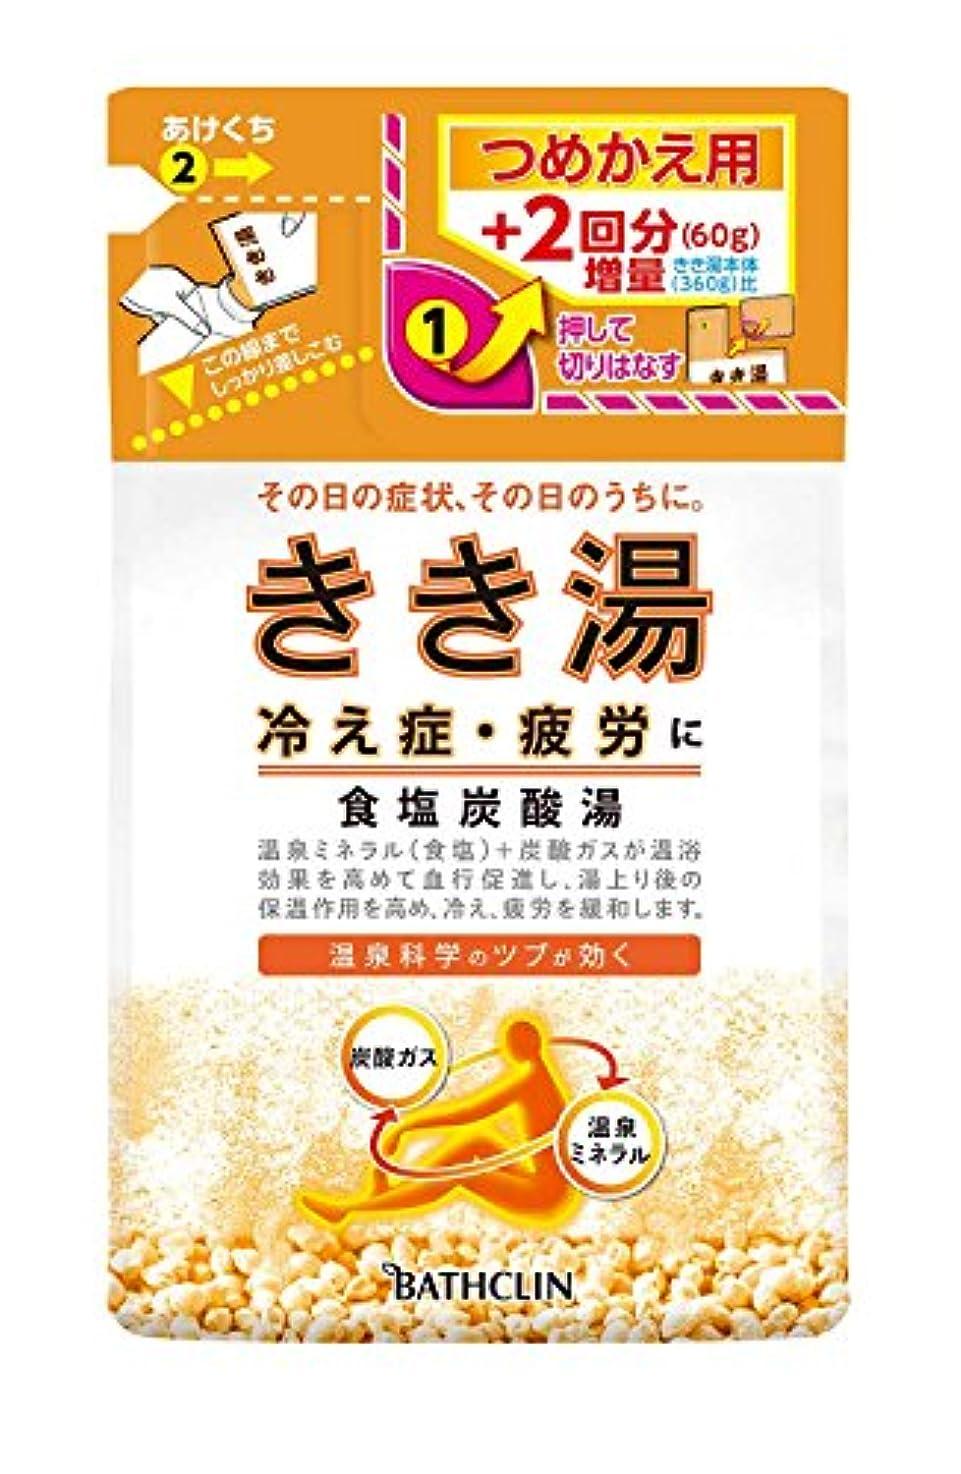 禁止する勧告倒錯きき湯 食塩炭酸湯 つめかえ用 420g 入浴剤 (医薬部外品)